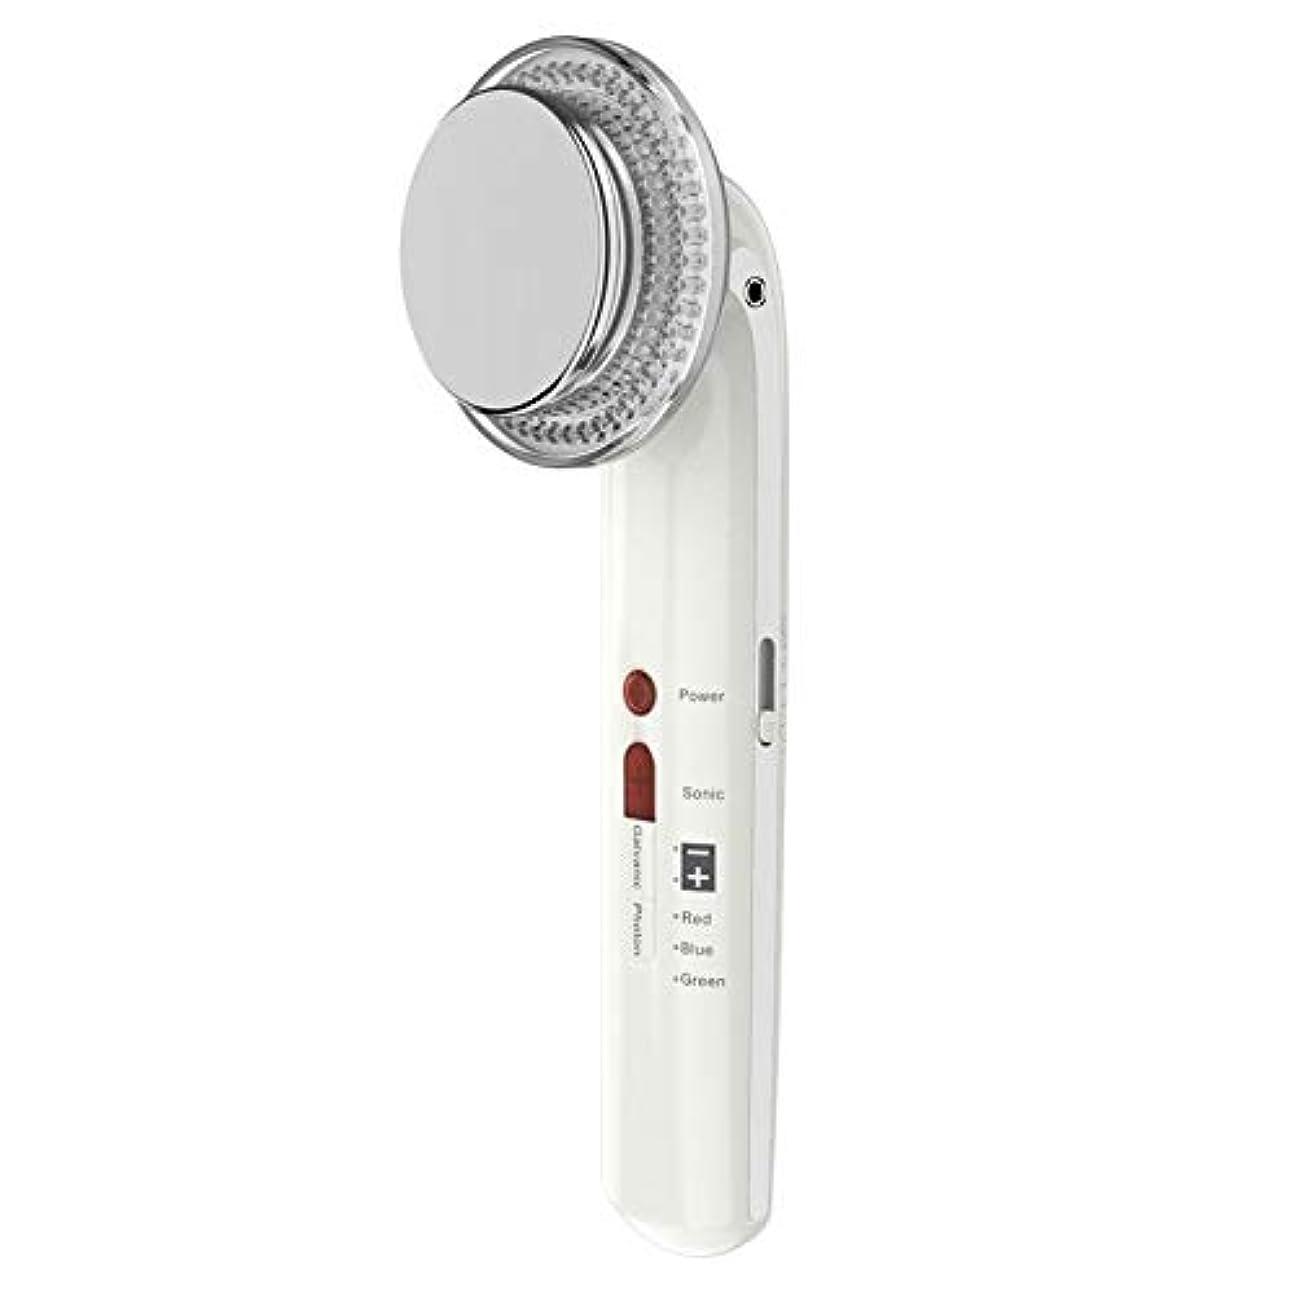 貫通する奨励マエストロ7で1振動美容機器ems超音波ボディフェイシャル痩身ツールled光子療法フェイスマッサージャー用ボディシェーピングフェイシャルスキンケア (Color : White)